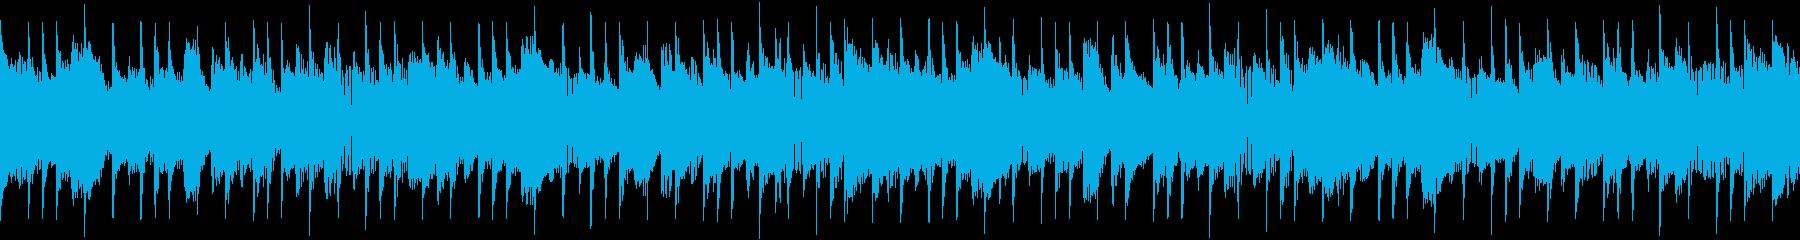 アコースティック楽器が追加された、...の再生済みの波形